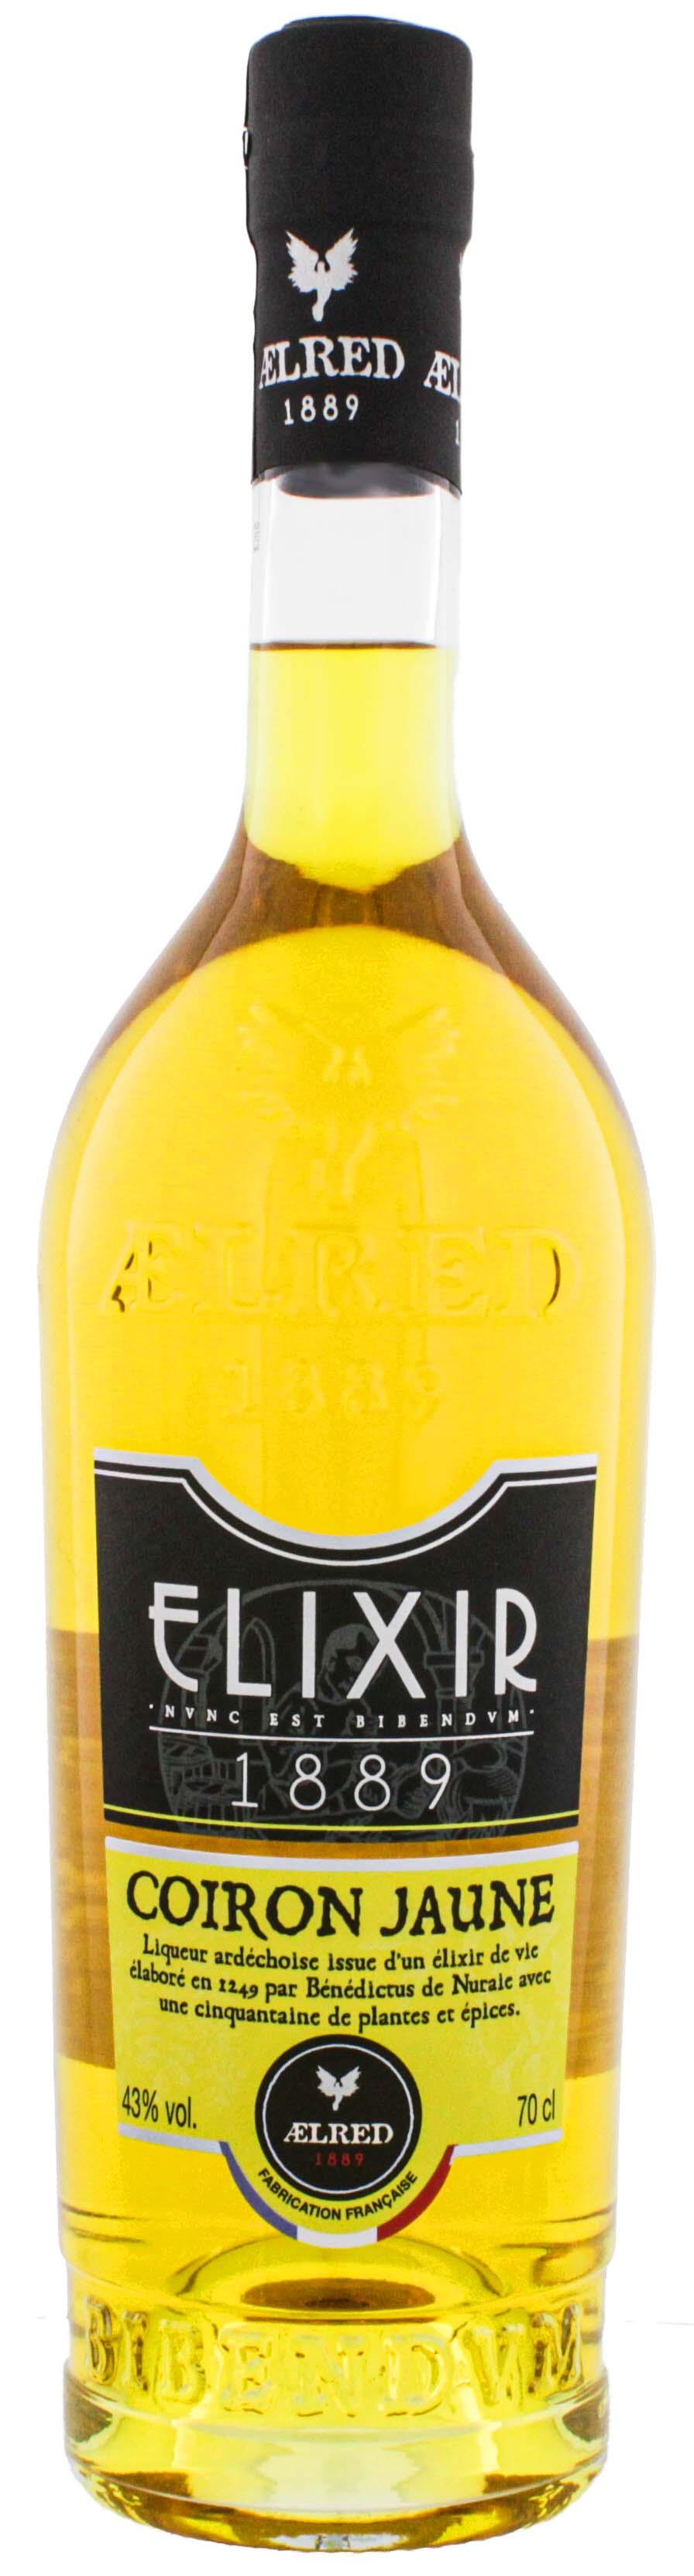 Aelred Liqueur 1889 Elixer  Elixir Coiron Jaune 0,7L 43%